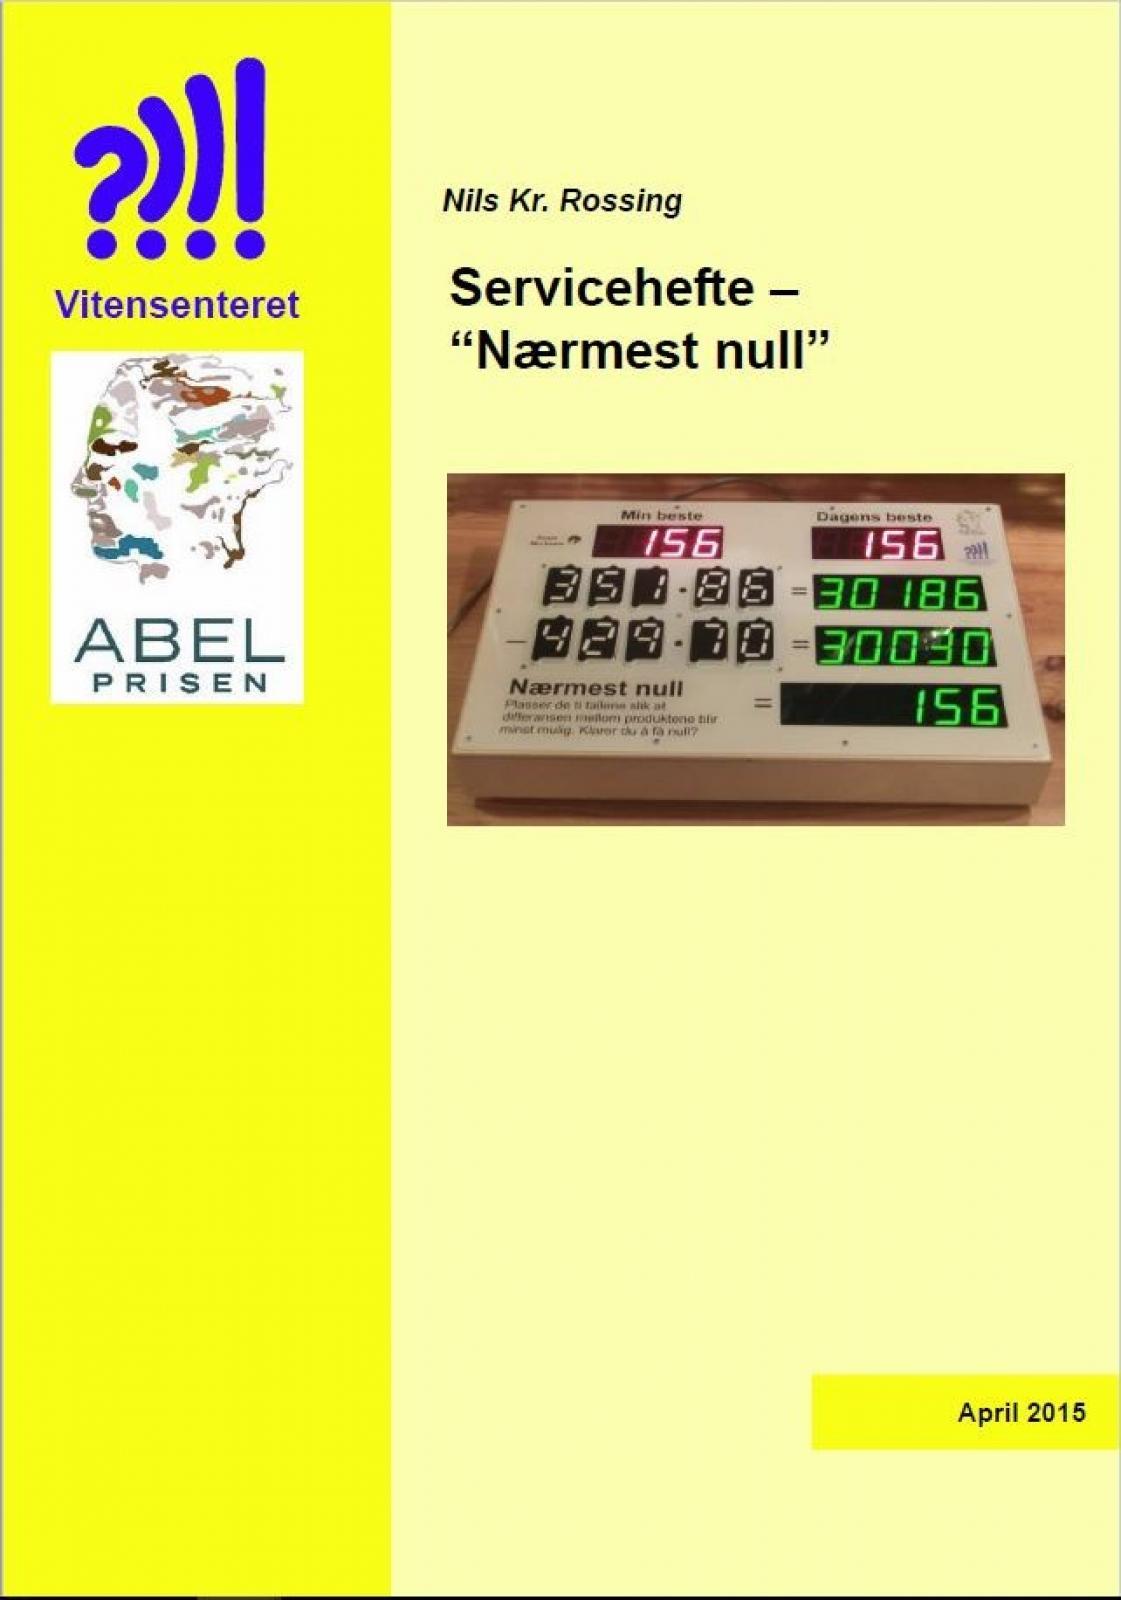 Servicehefte - Nærmest null forside